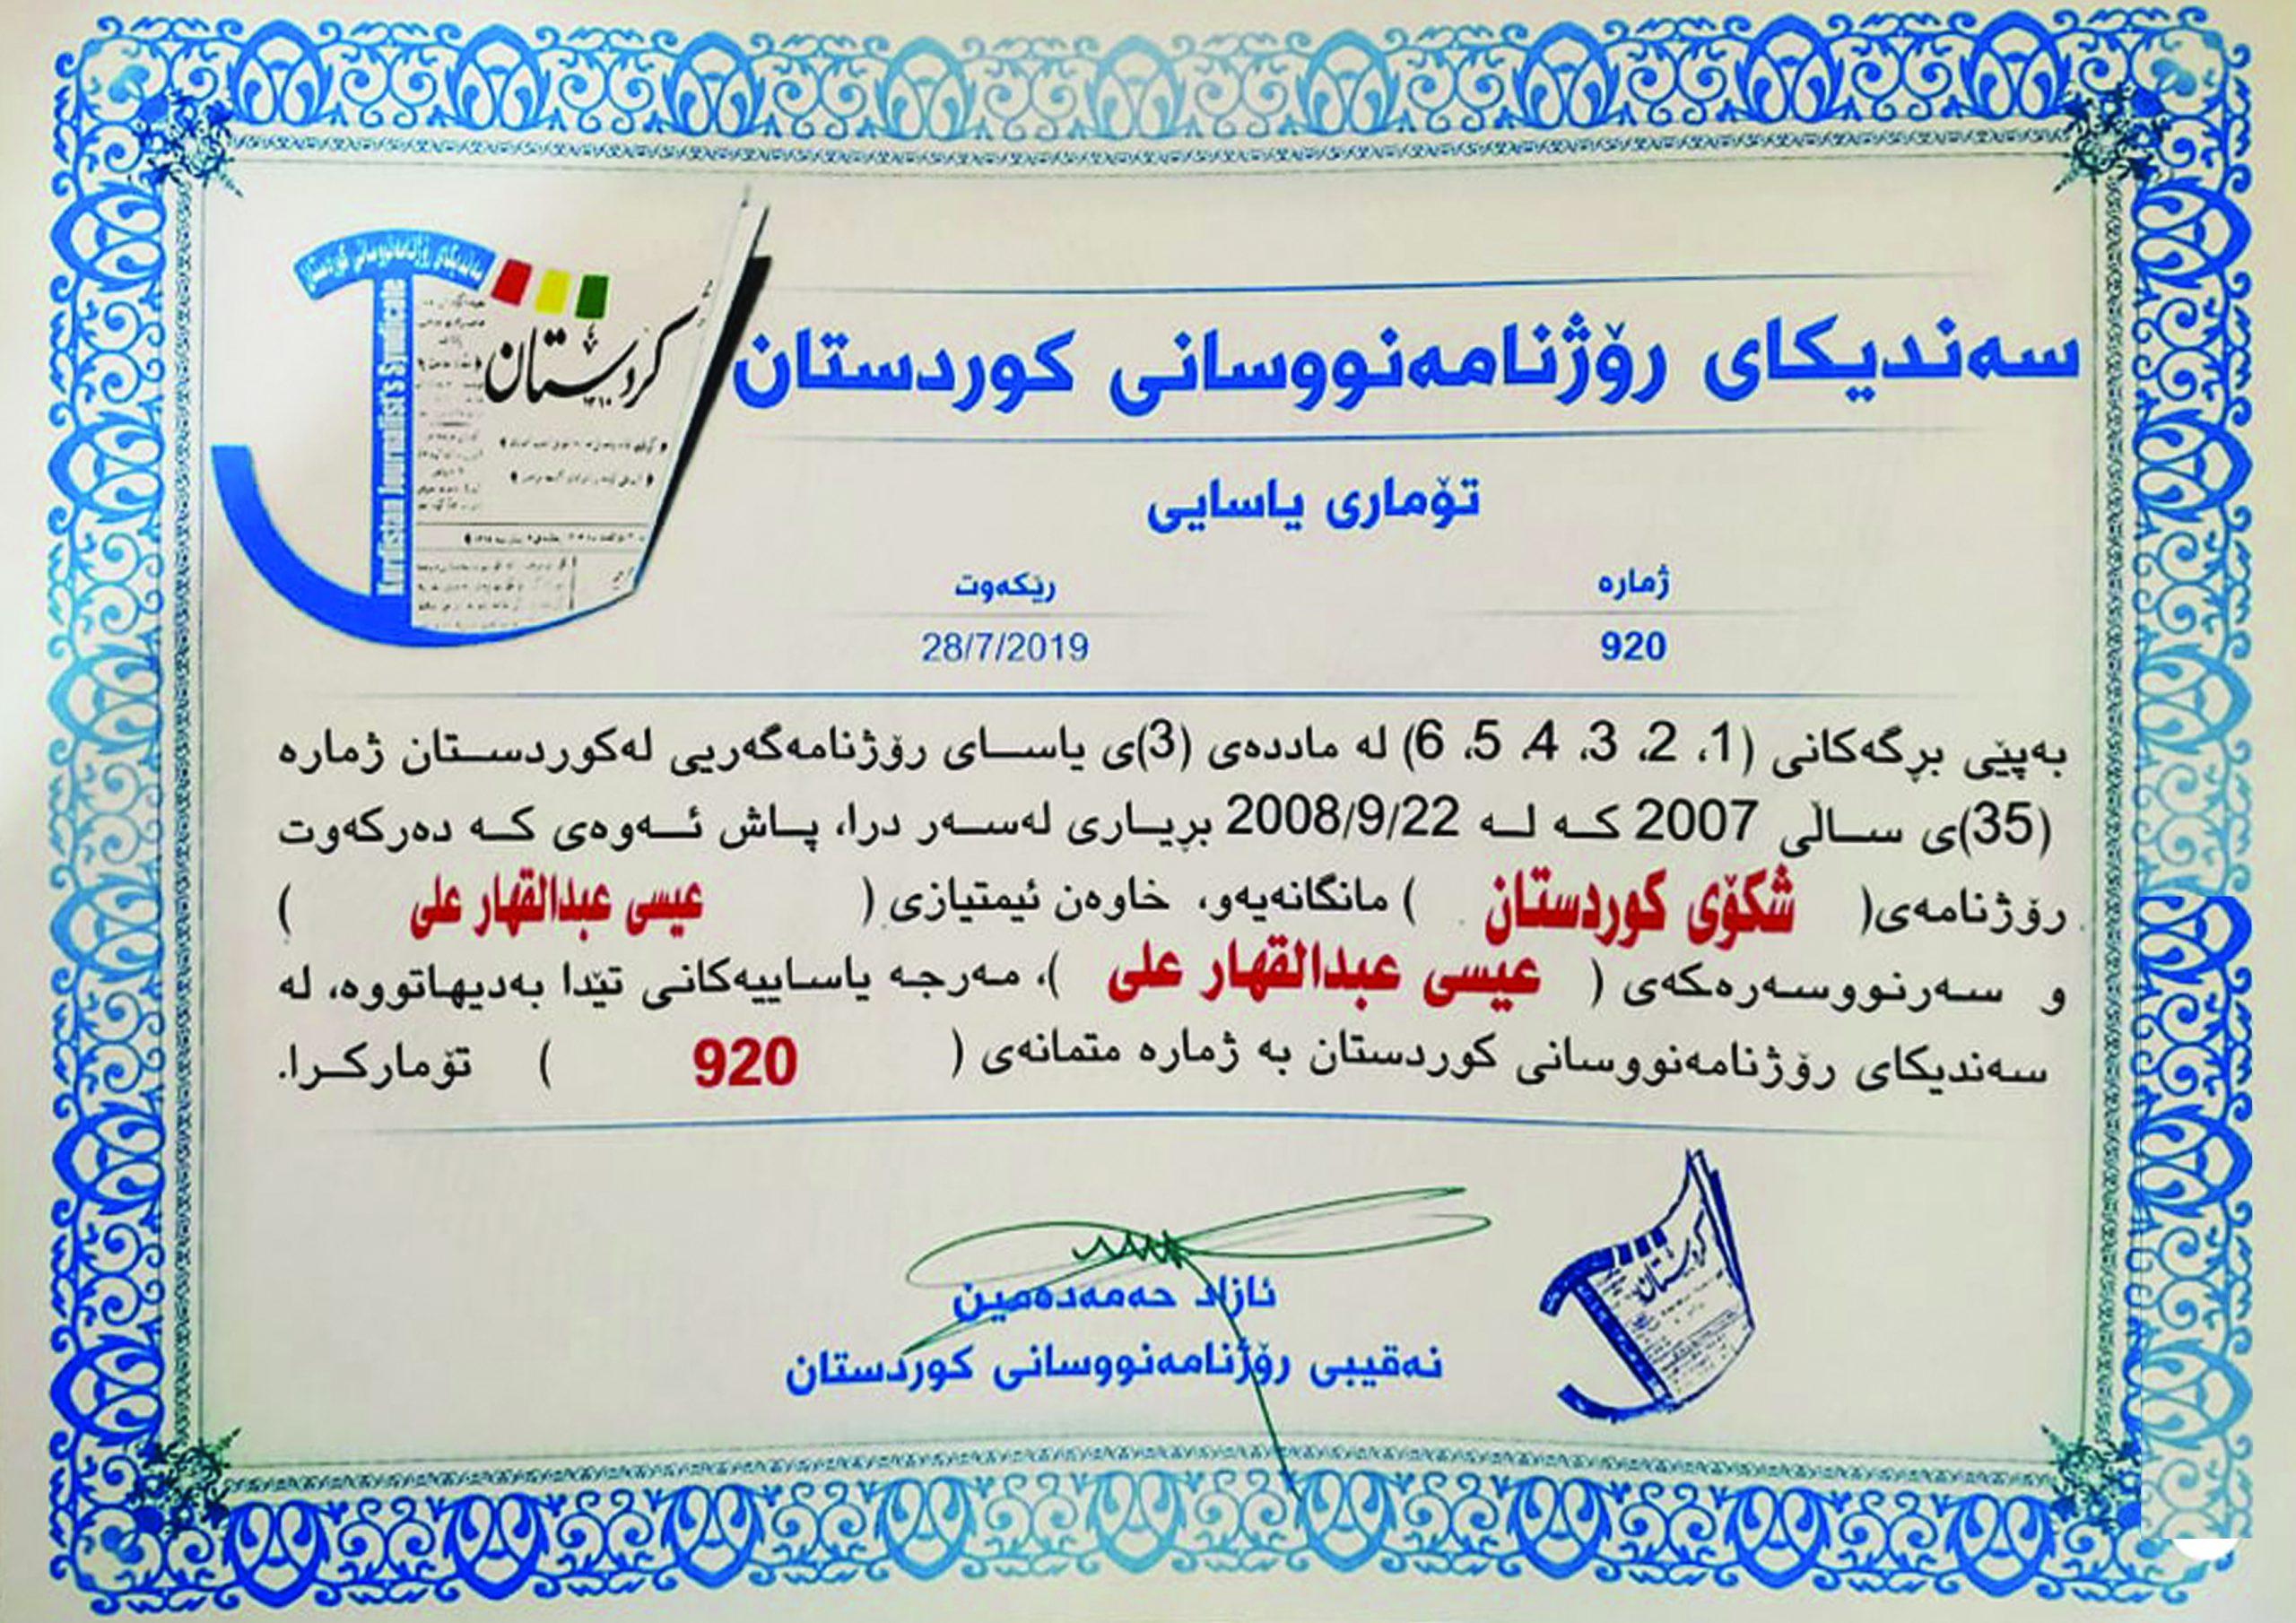 Photo of First Issue of Shkoi Kurdistan Magazine published